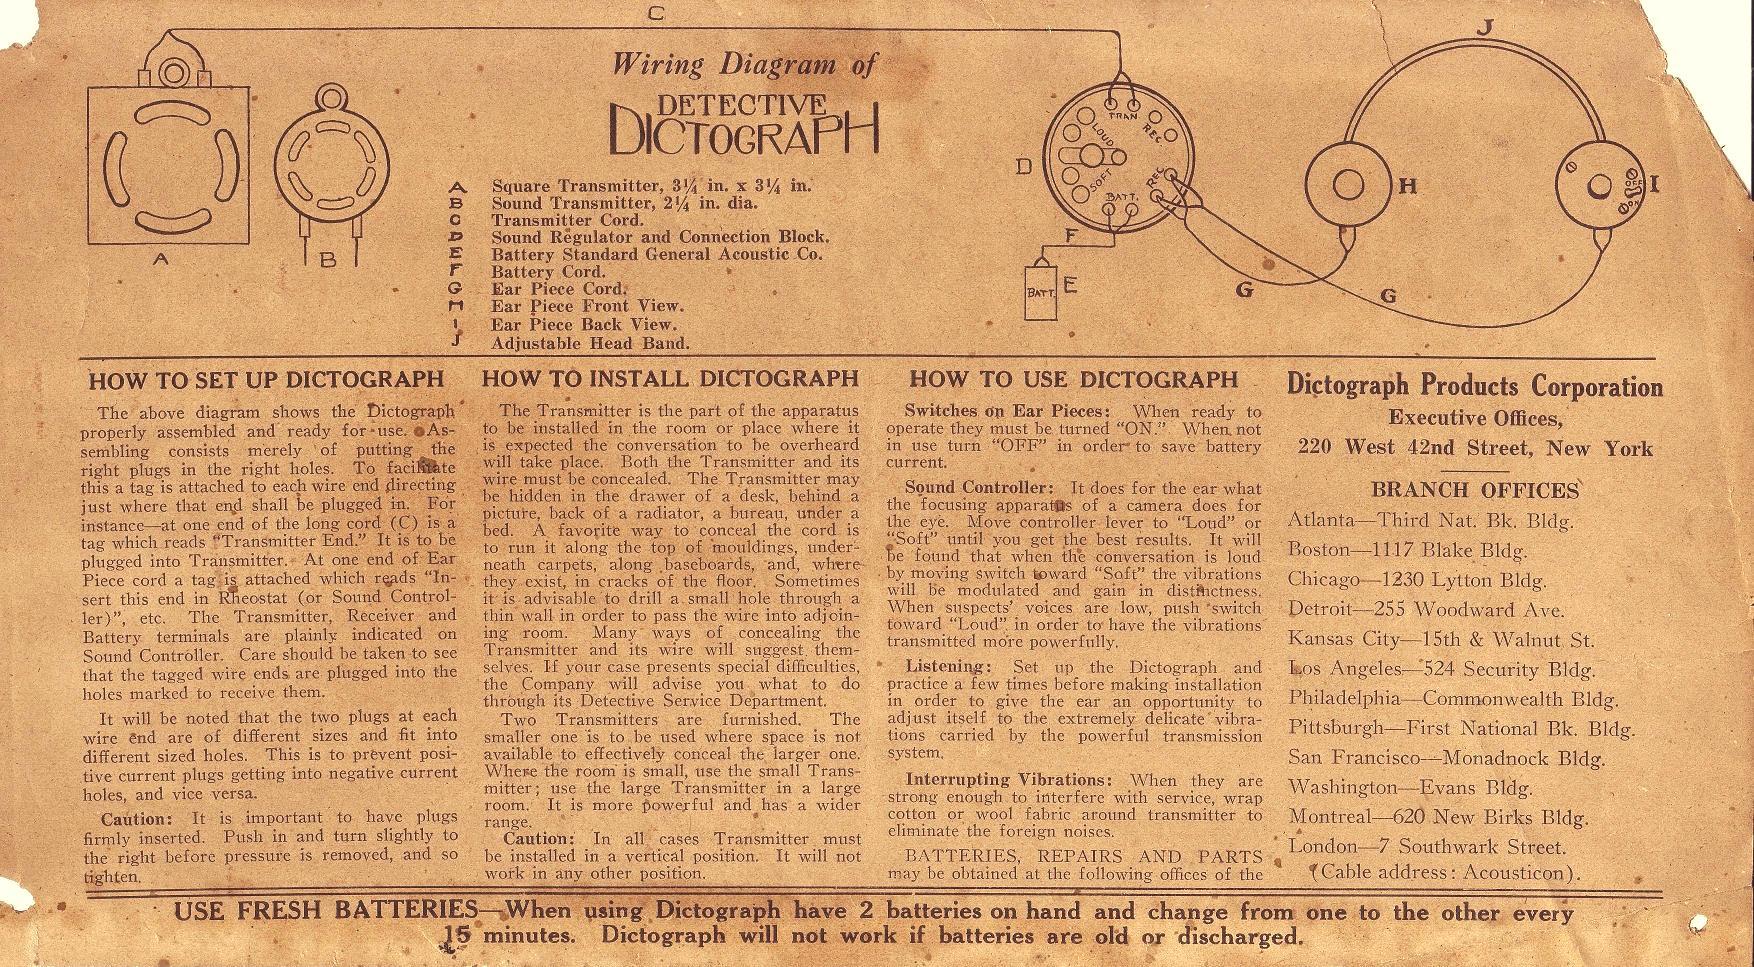 Аудиогаджет специального назначения: Dictograph — от цеха и оперы до первой прослушки, технический шедевр 1907-го года - 15